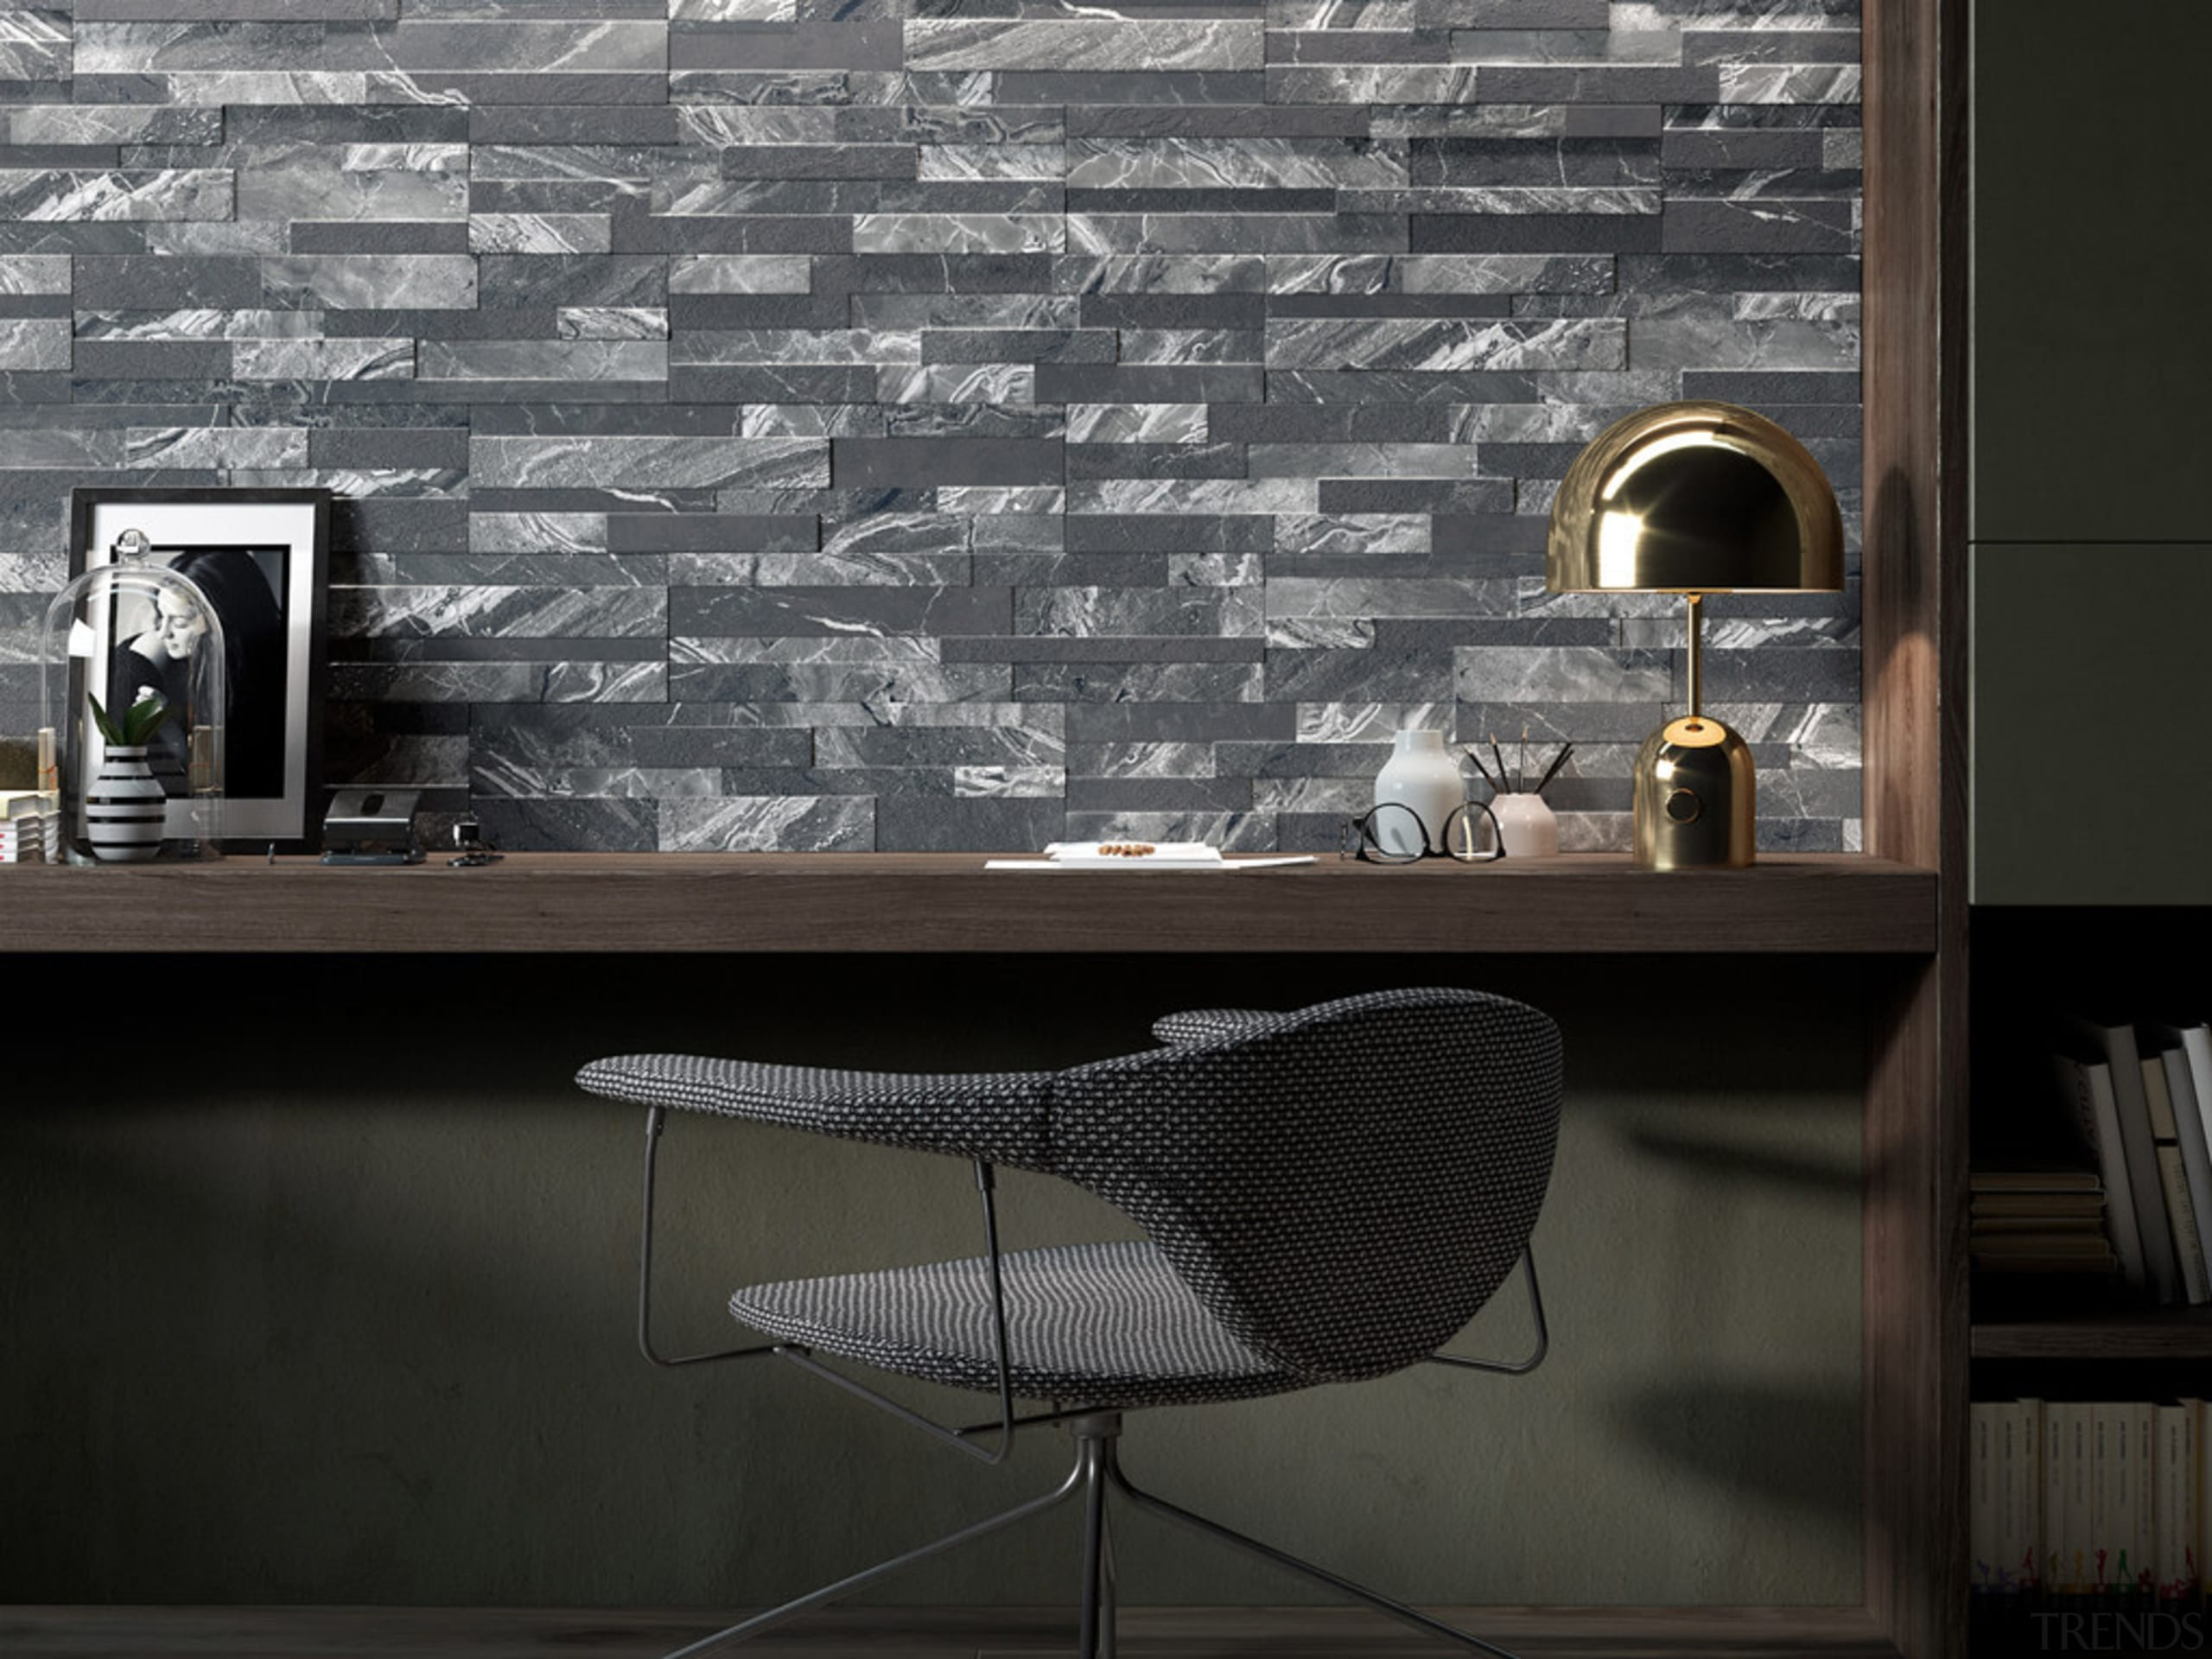 Gioia Nero 150x610 - Gioia Nero 150x610 - architecture, black and white, floor, flooring, furniture, interior design, table, tile, wall, wallpaper, black, gray